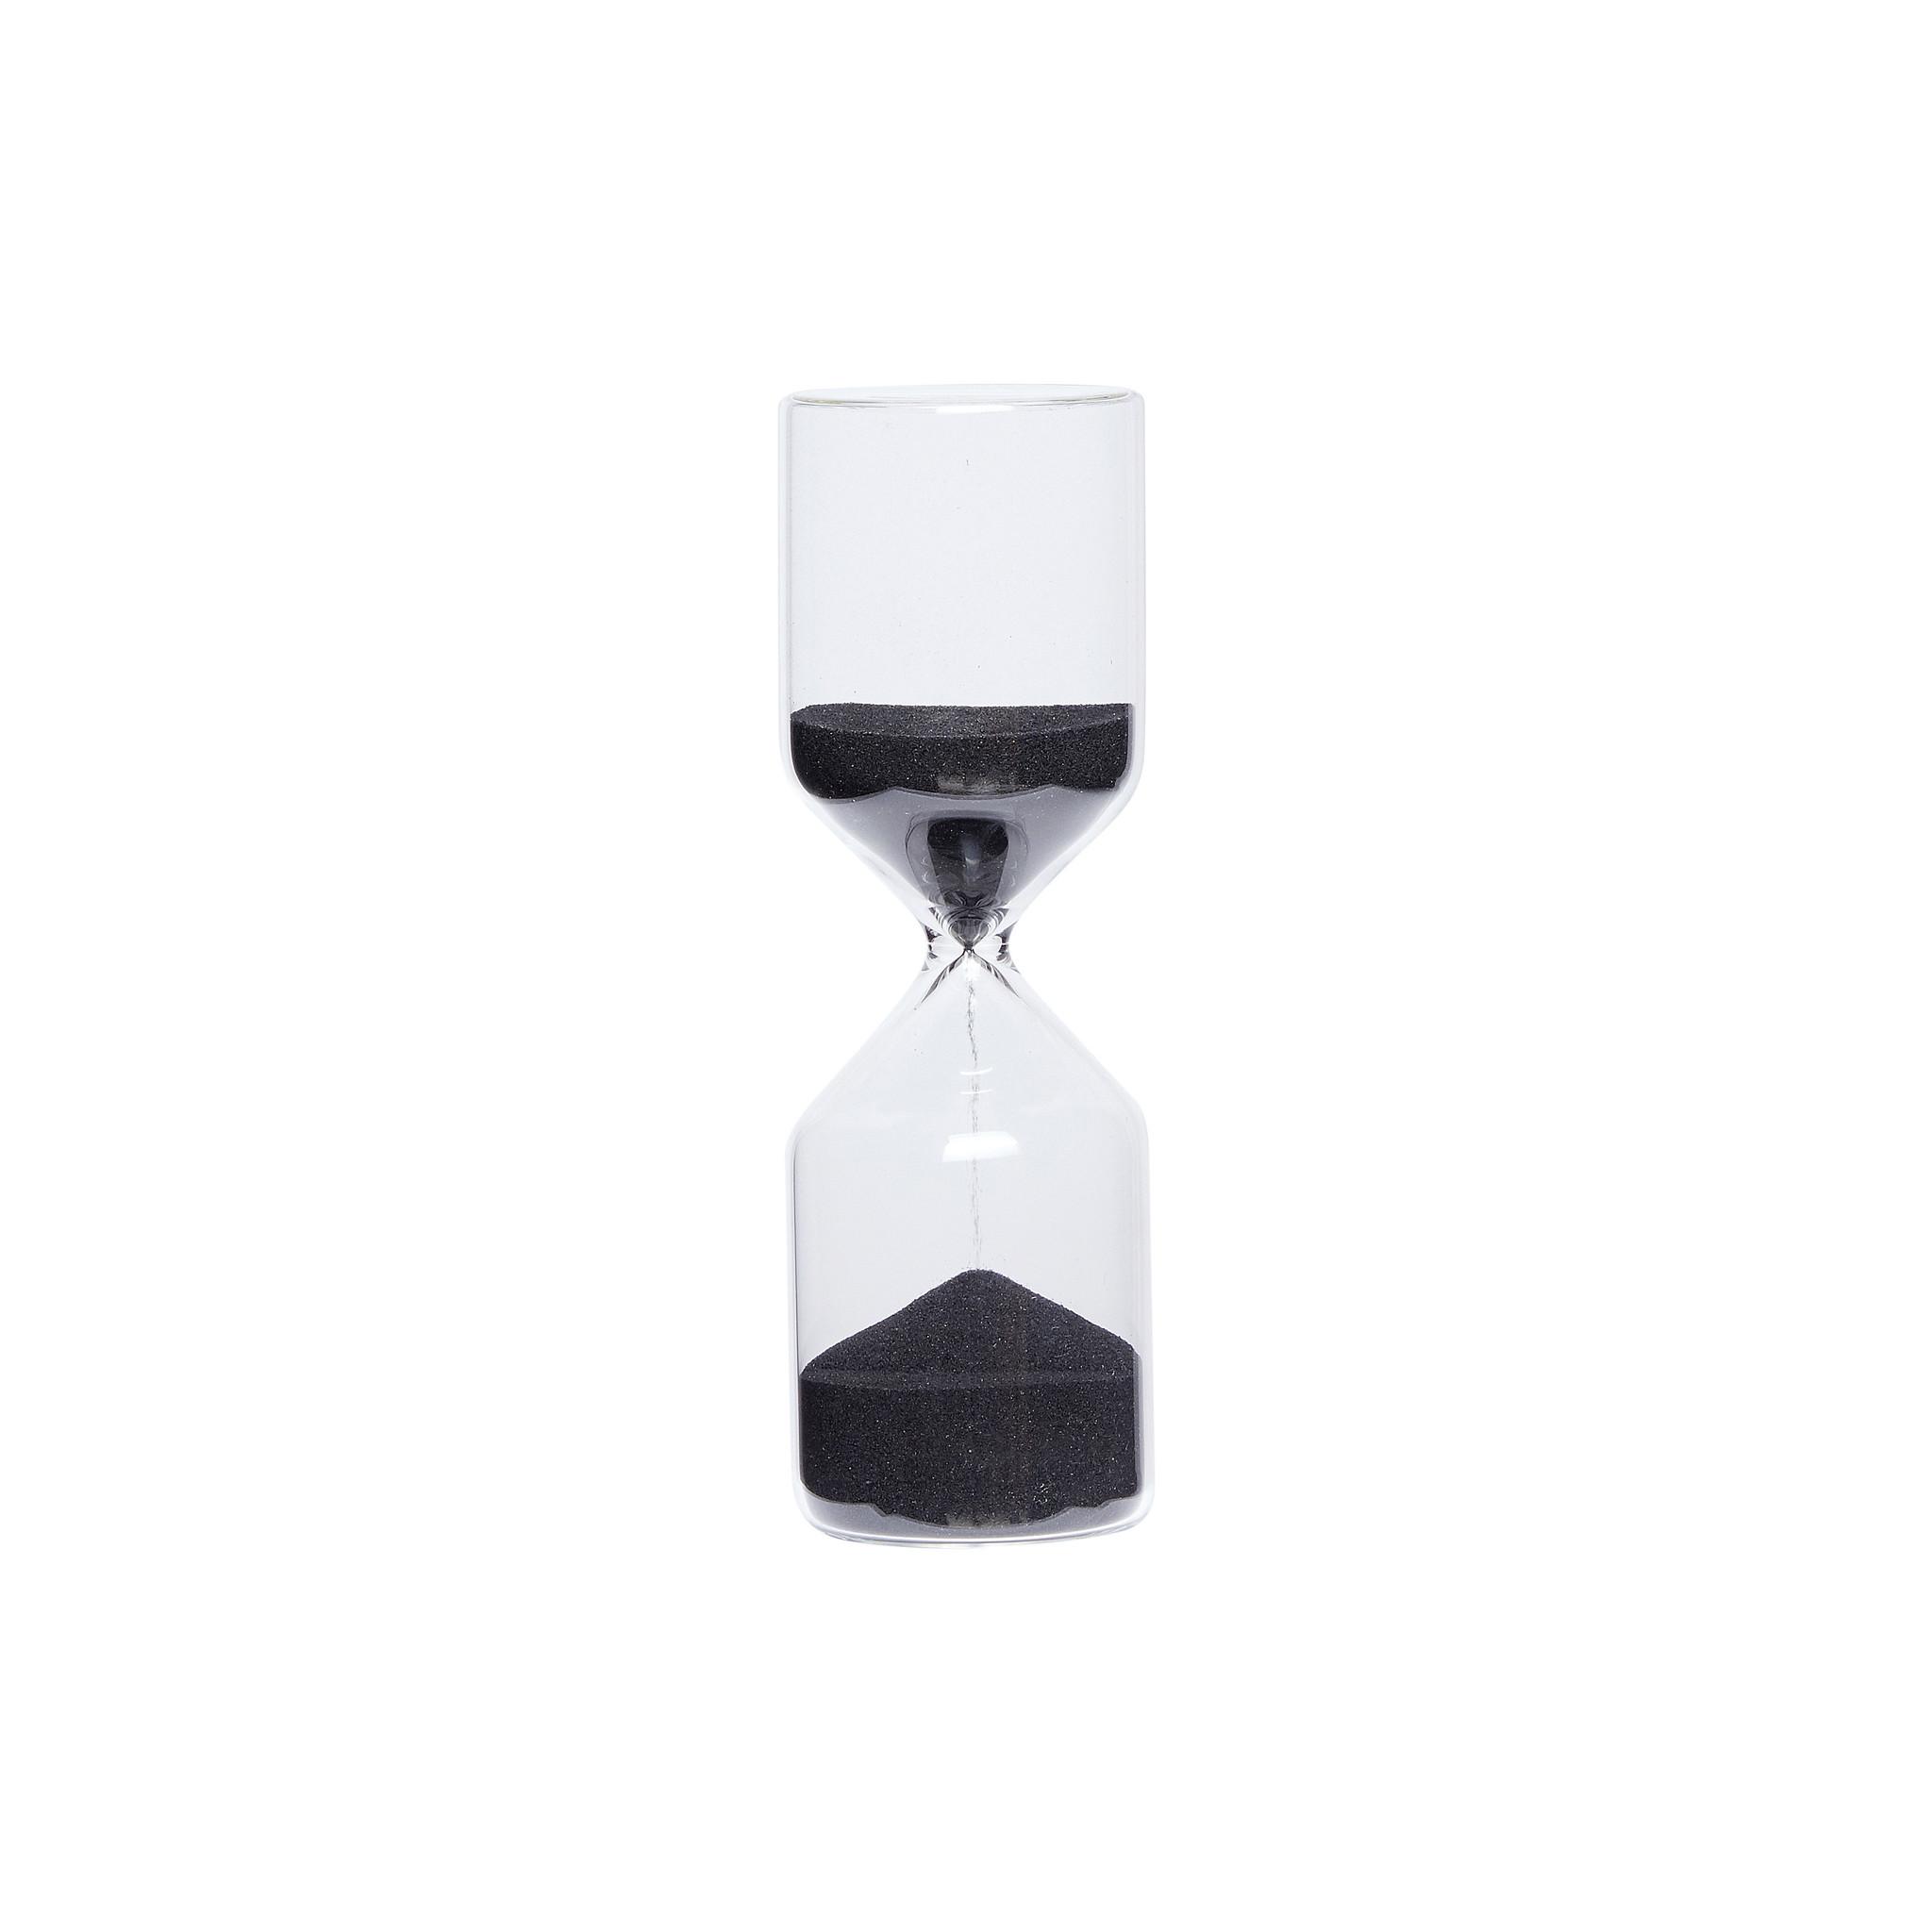 Hubsch Zandloper, 30 minuten, klein-640309-5712772057032